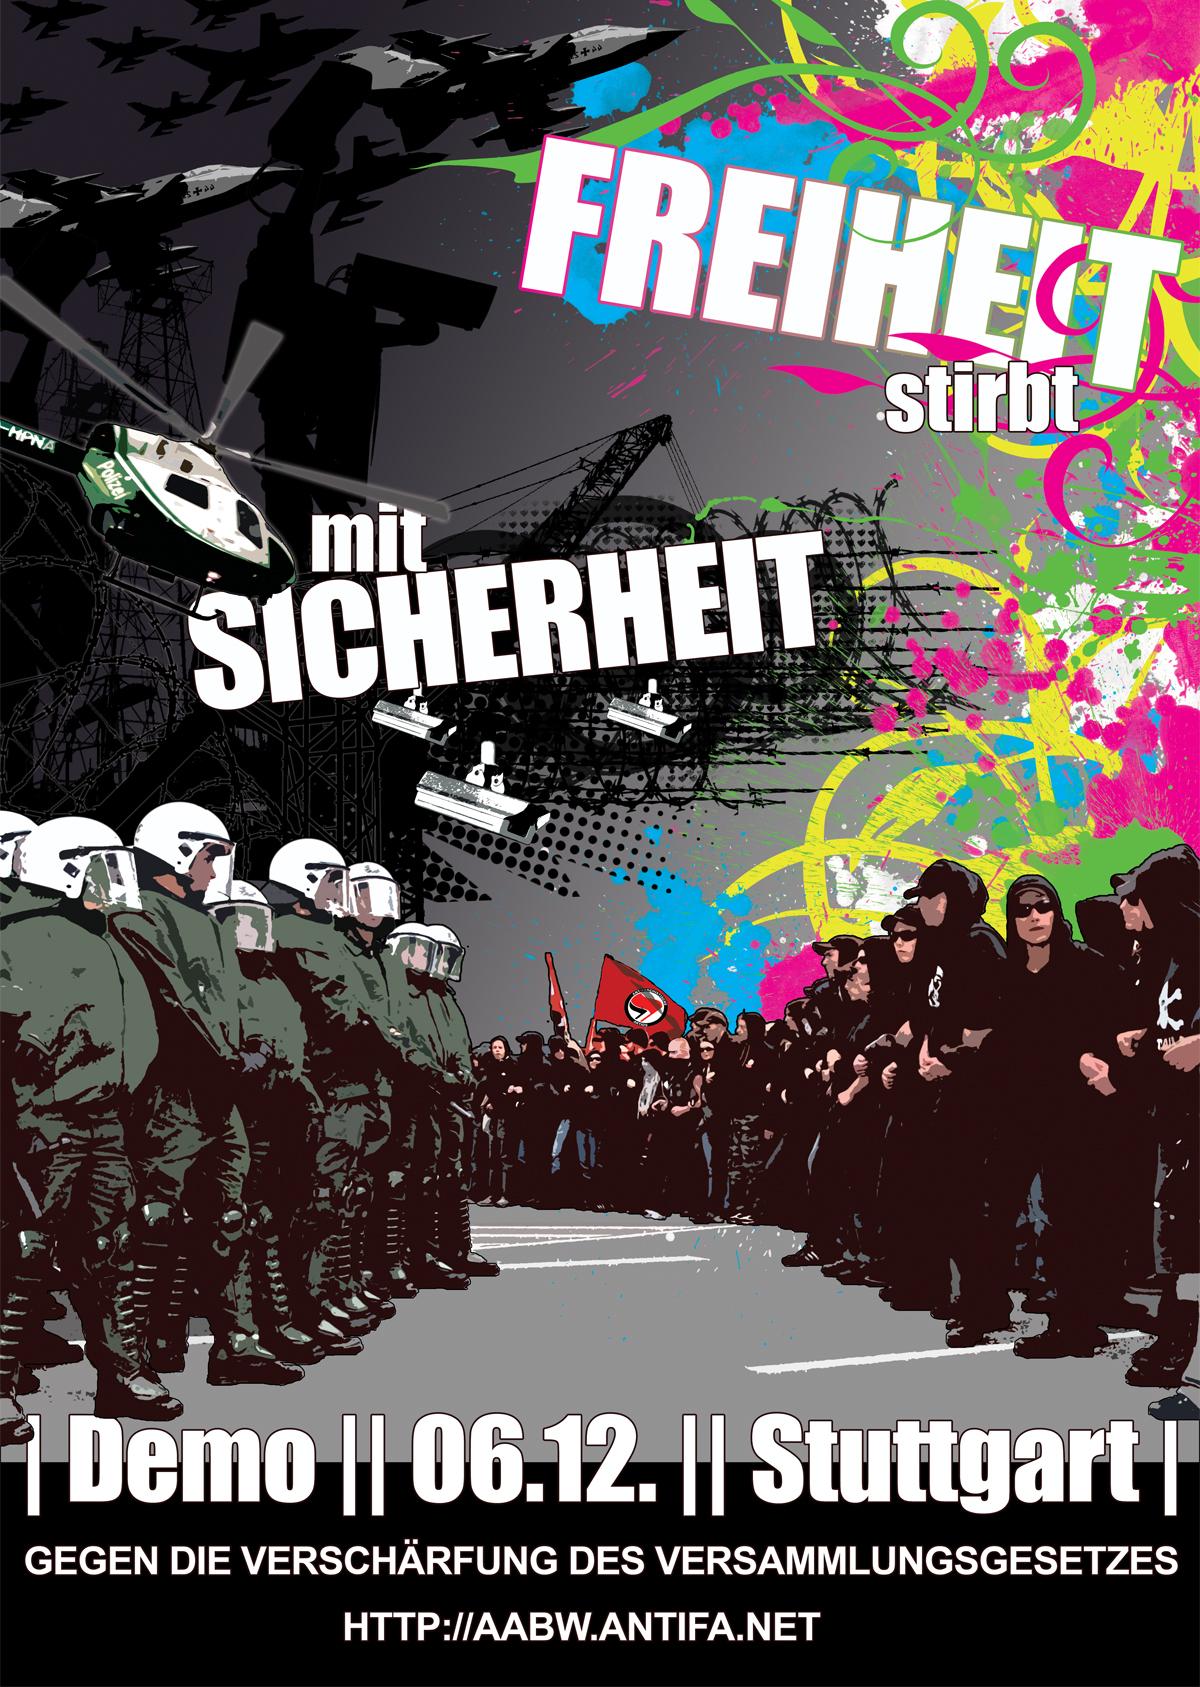 jpg08-12-06-stuttgart-demo-versammlungsgesetz-large